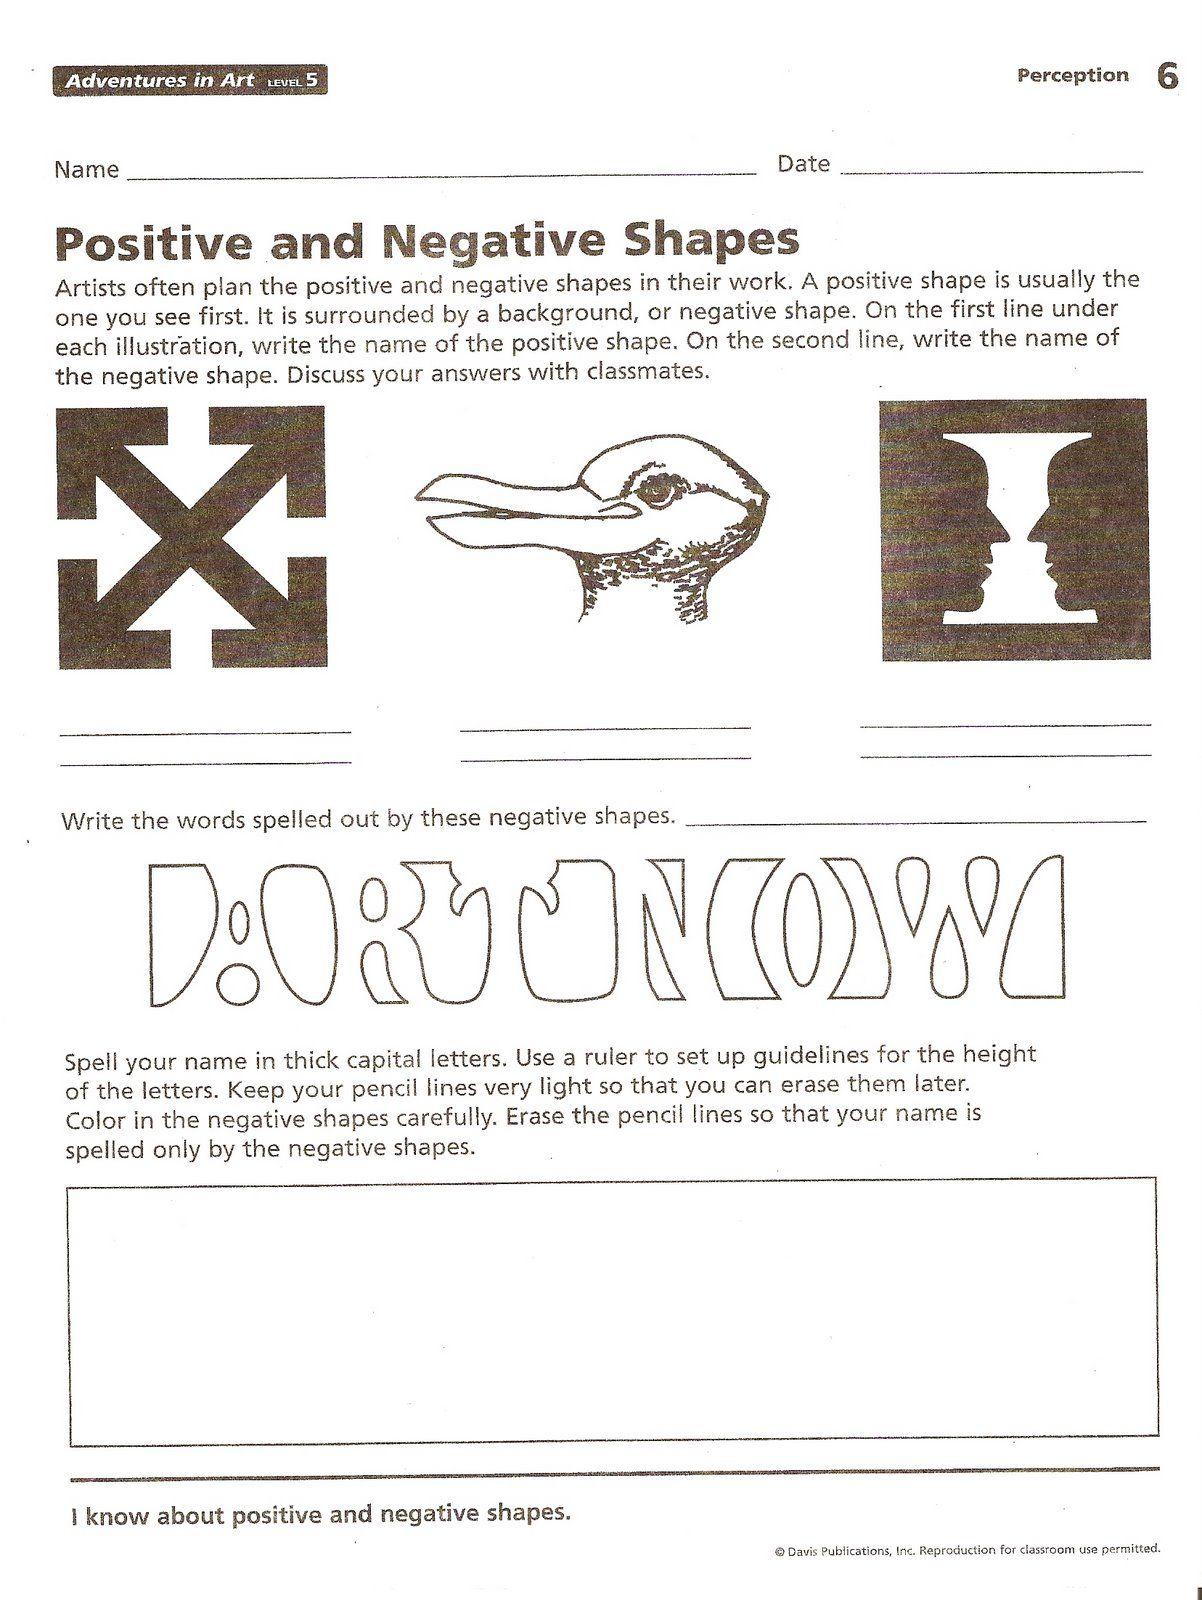 Positive negative space handout